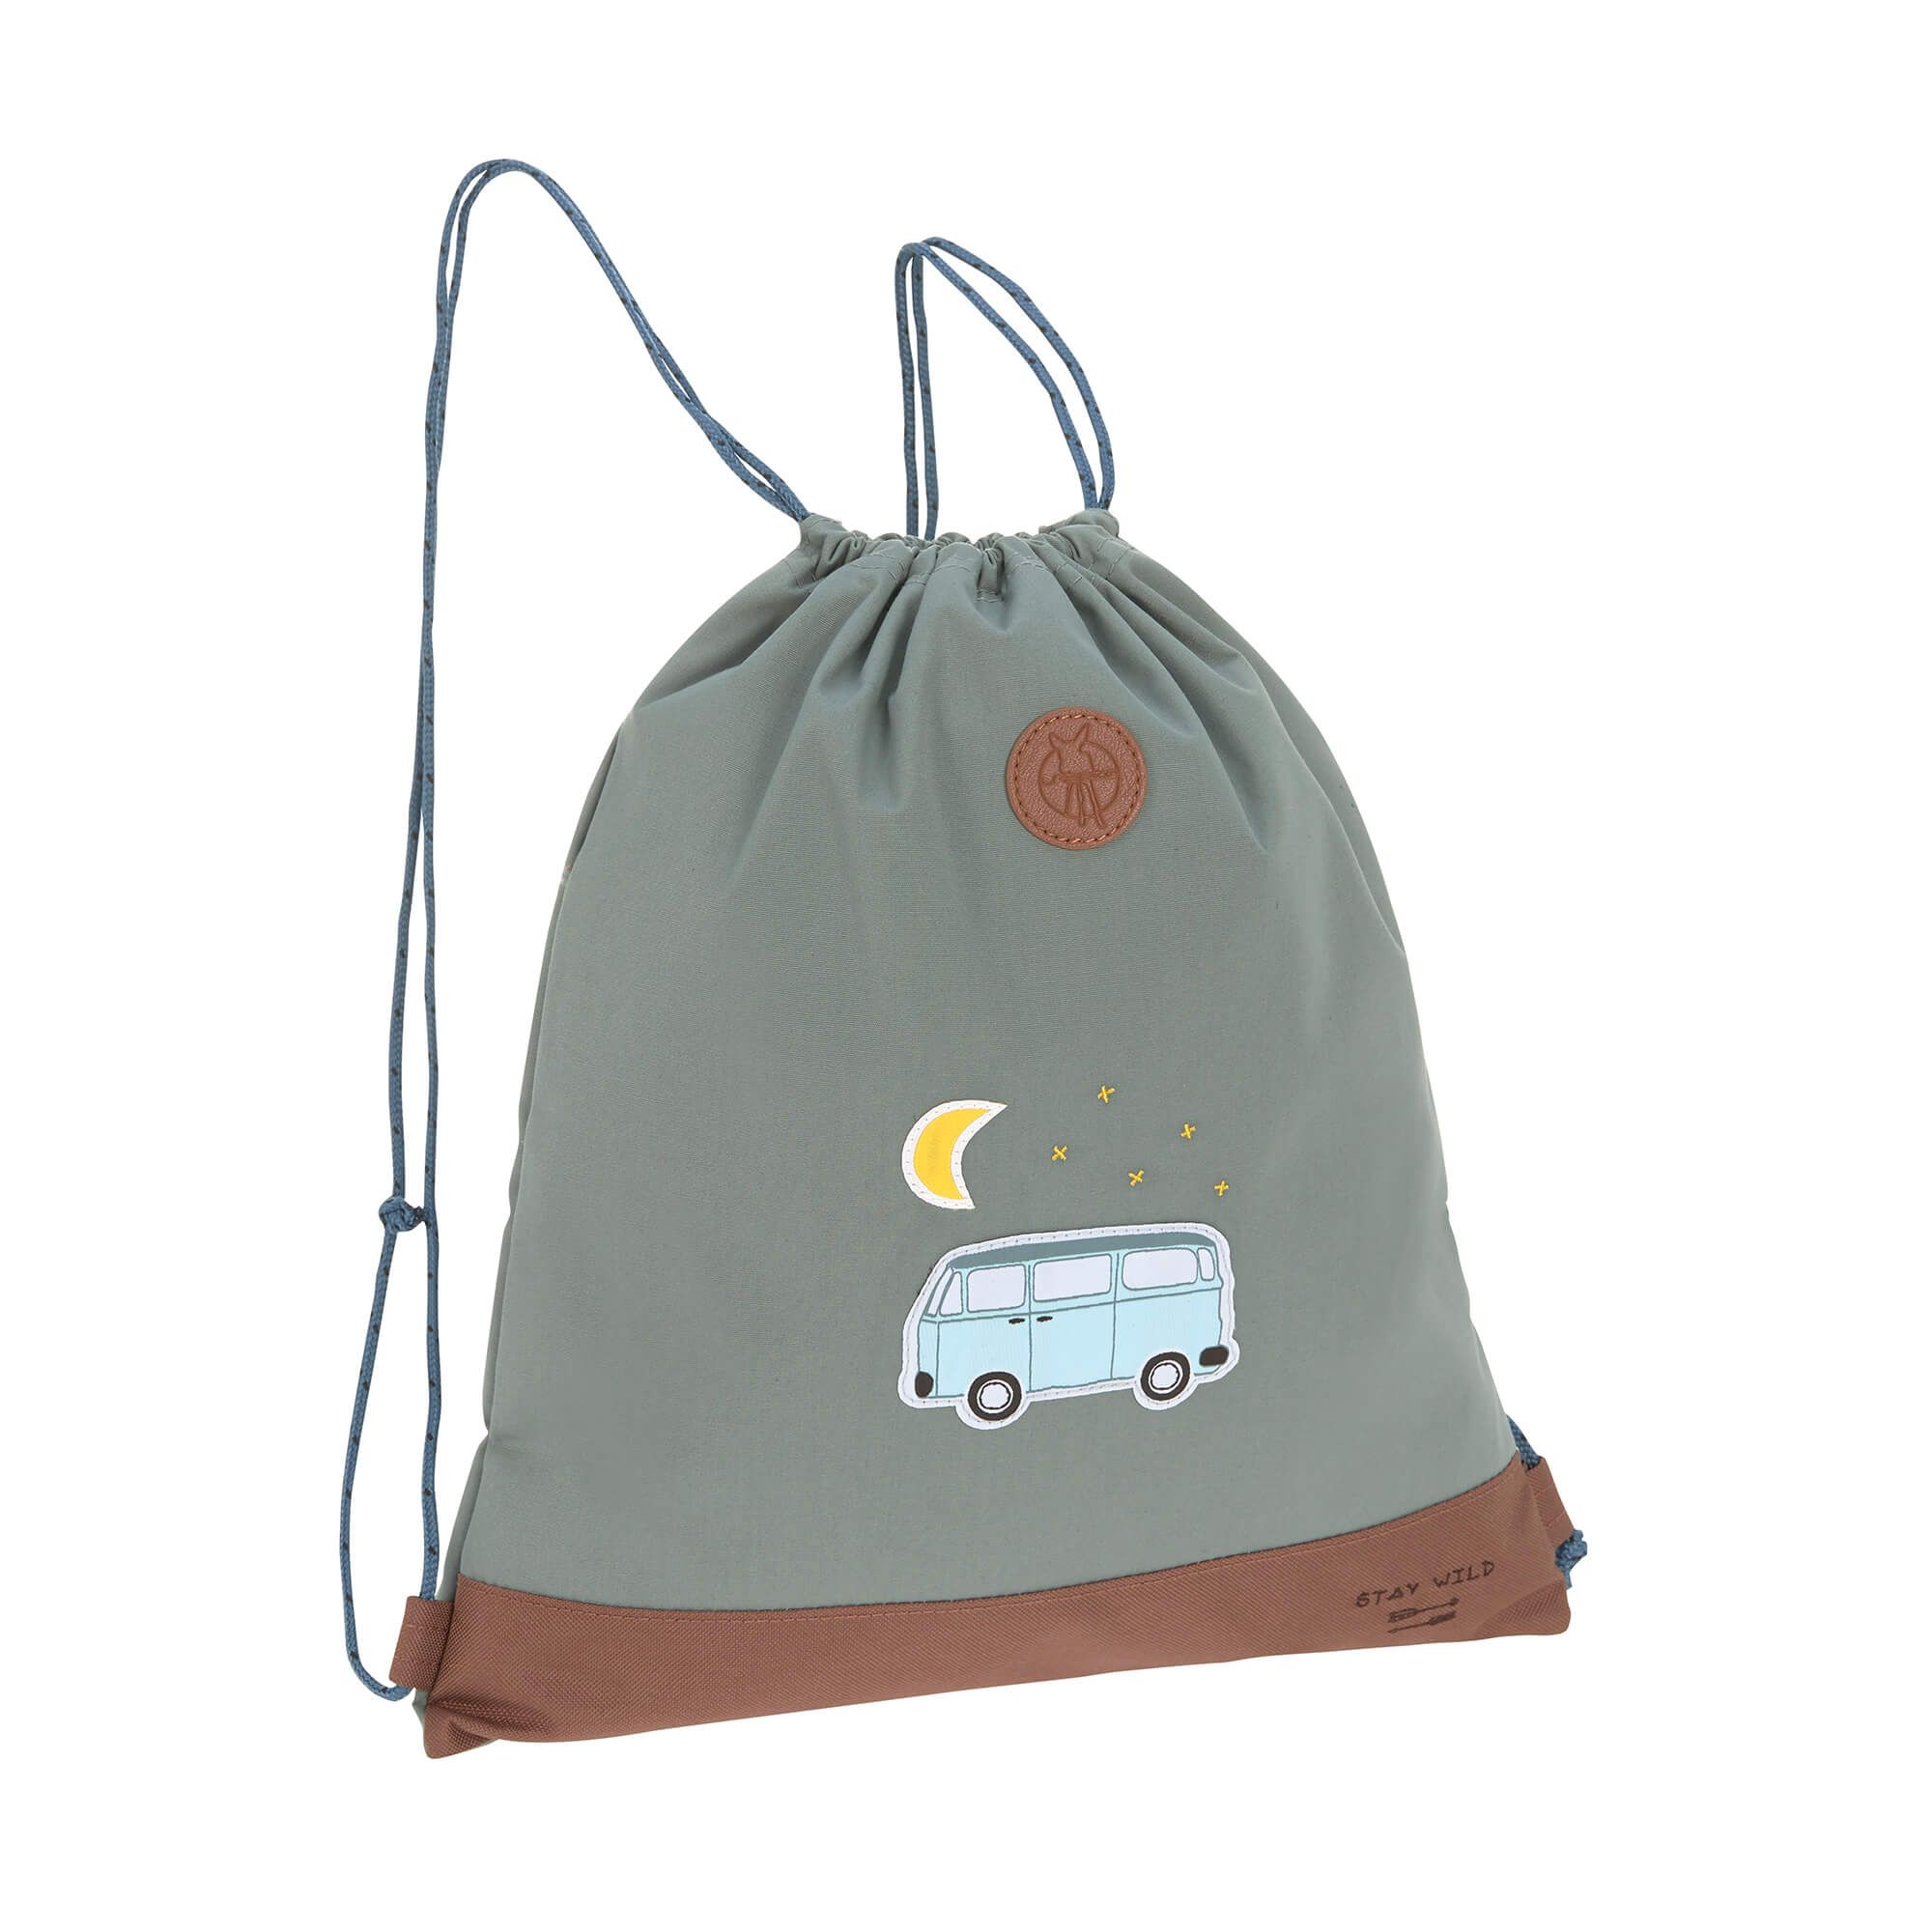 f632d57316c21 Trendiger Turnbeutel als Alternative zu Sporttaschen für Kinder. Der  Turnbeutel ist ein cooler Begleiter auf